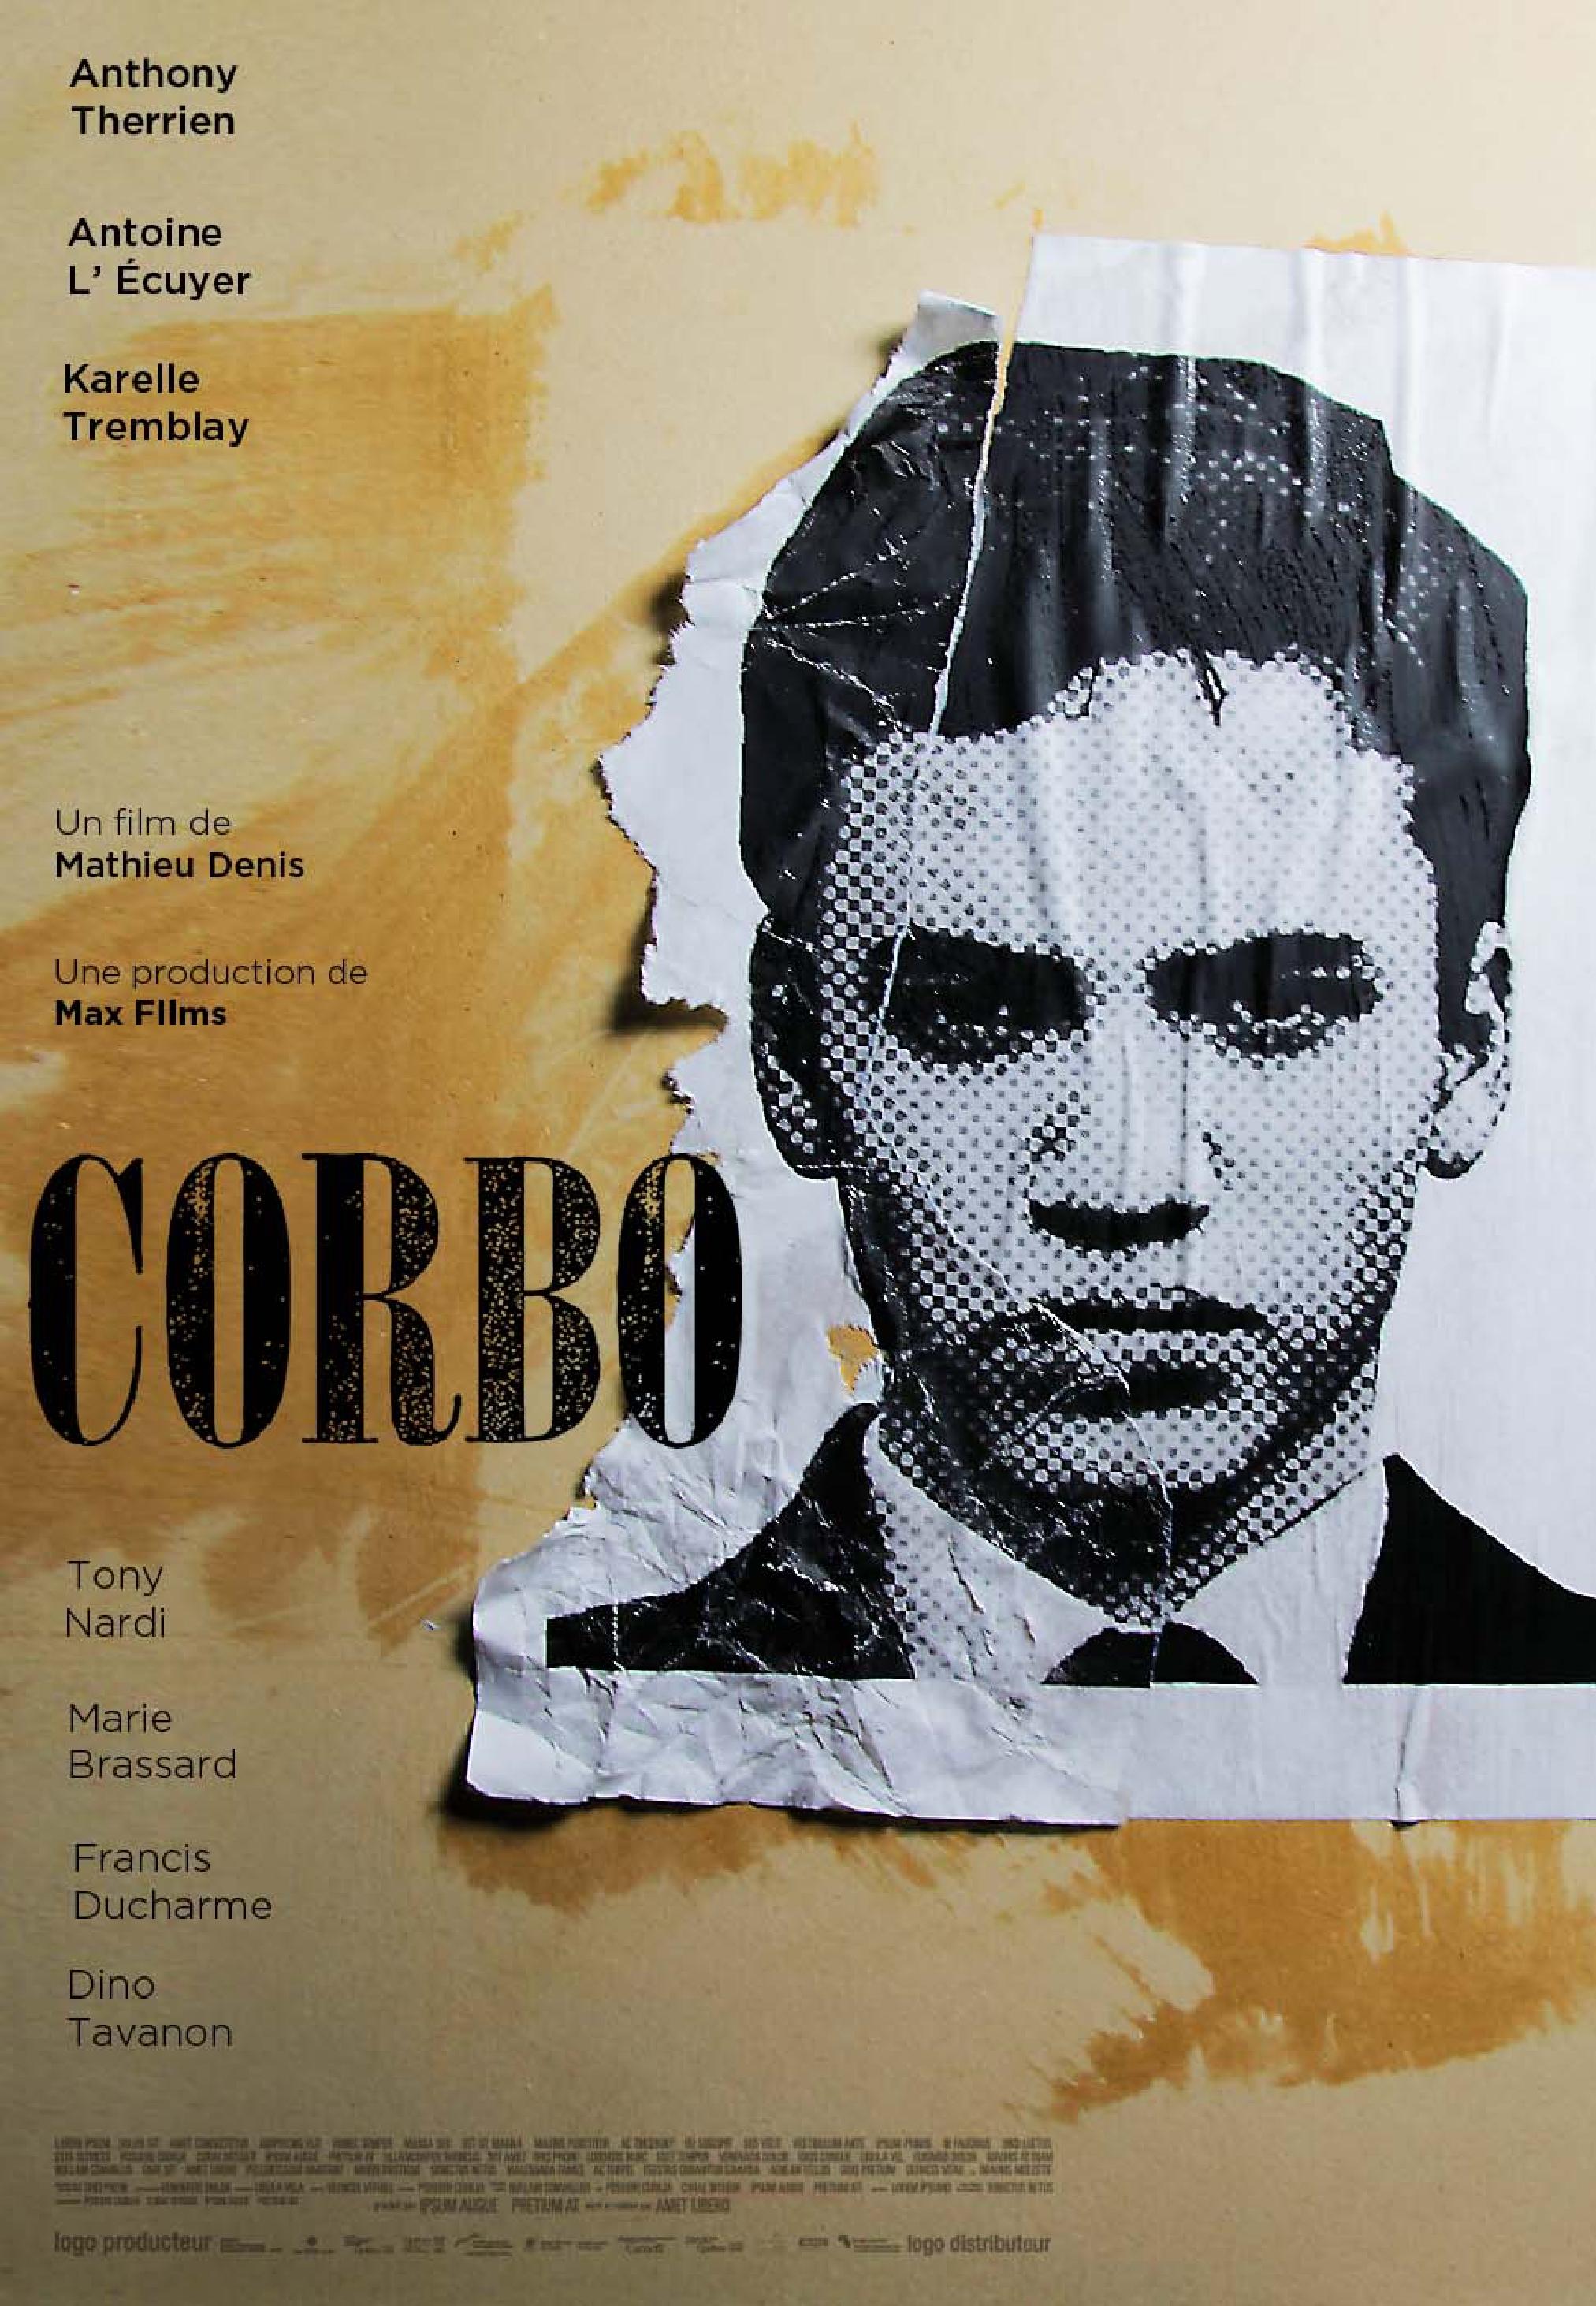 CORBO-Poster-RENZO-27oct_00004.jpg